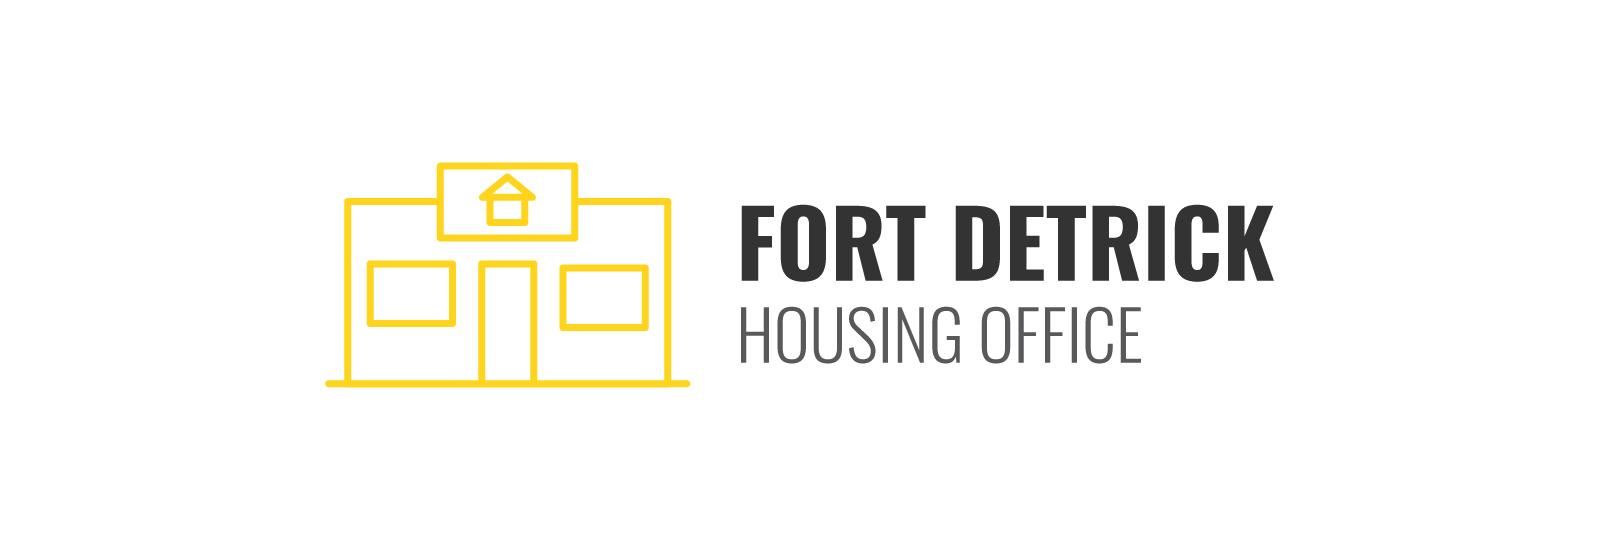 Fort Detrick Housing Office